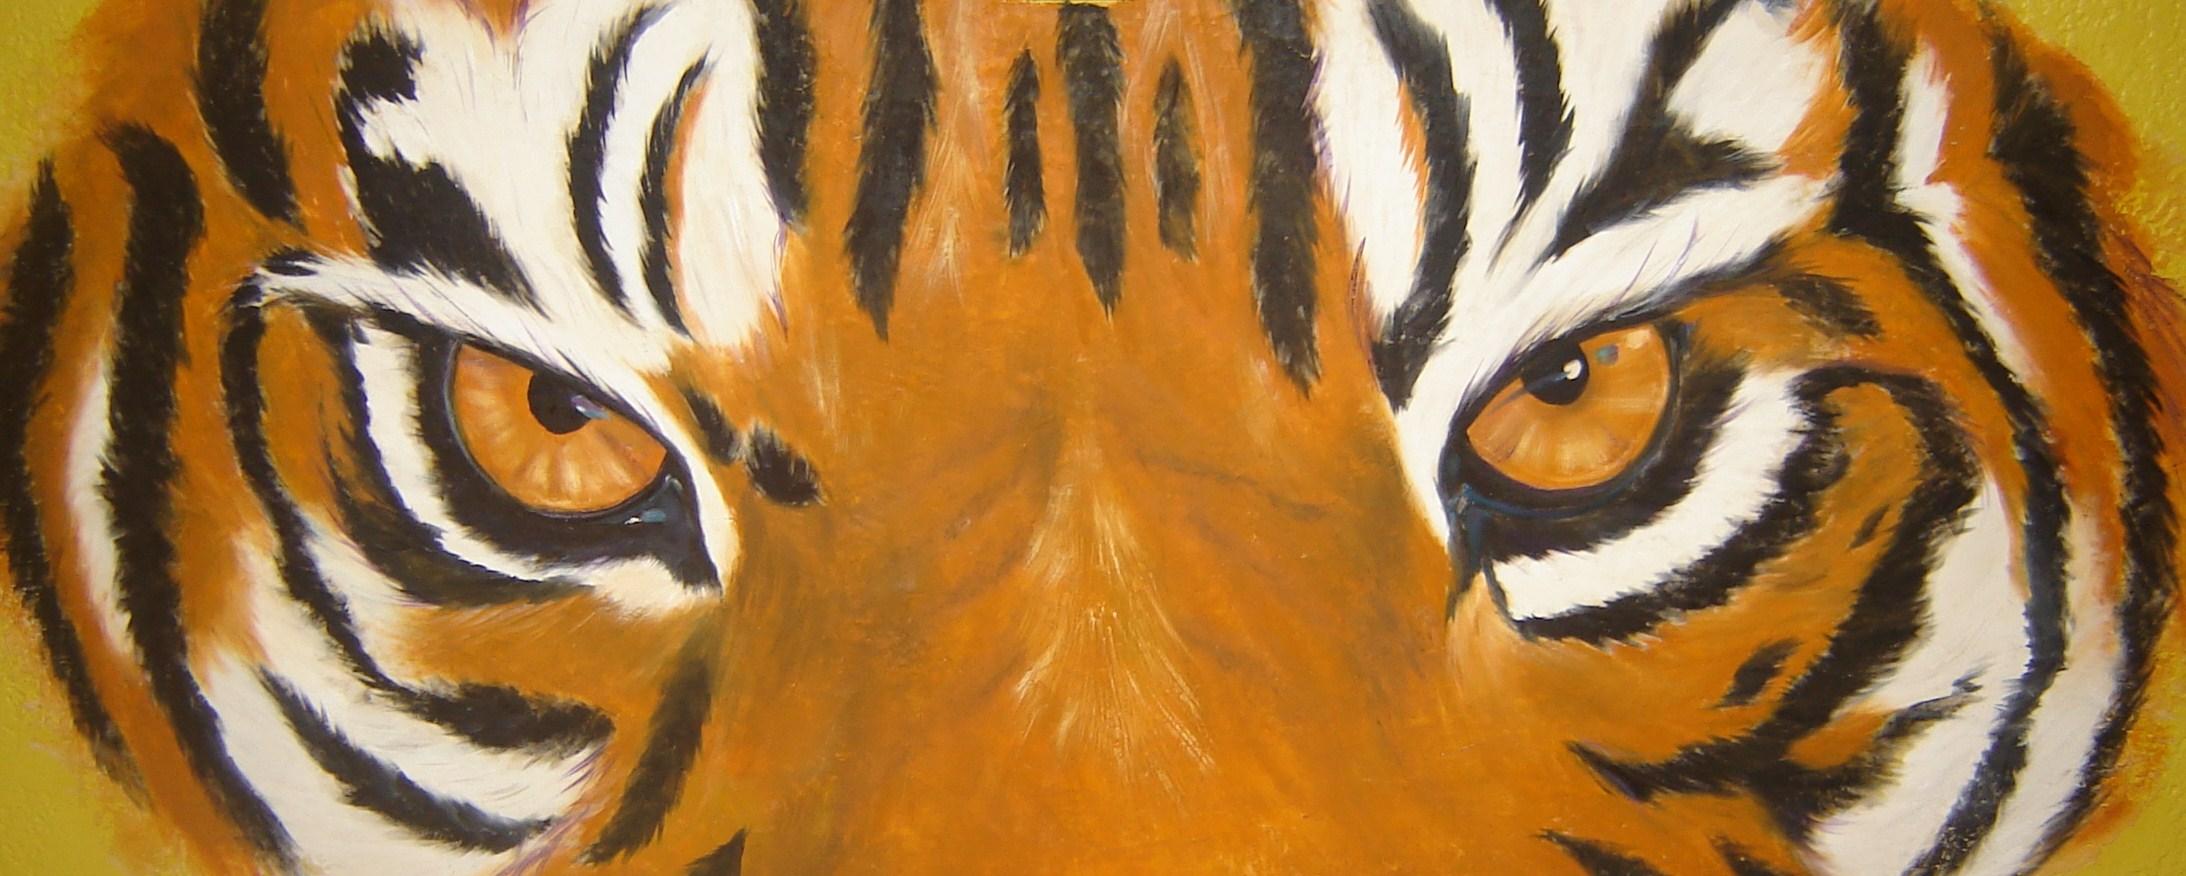 Bengal clipart tiger eyes Drawings Eye photo#16 Lsu Tiger